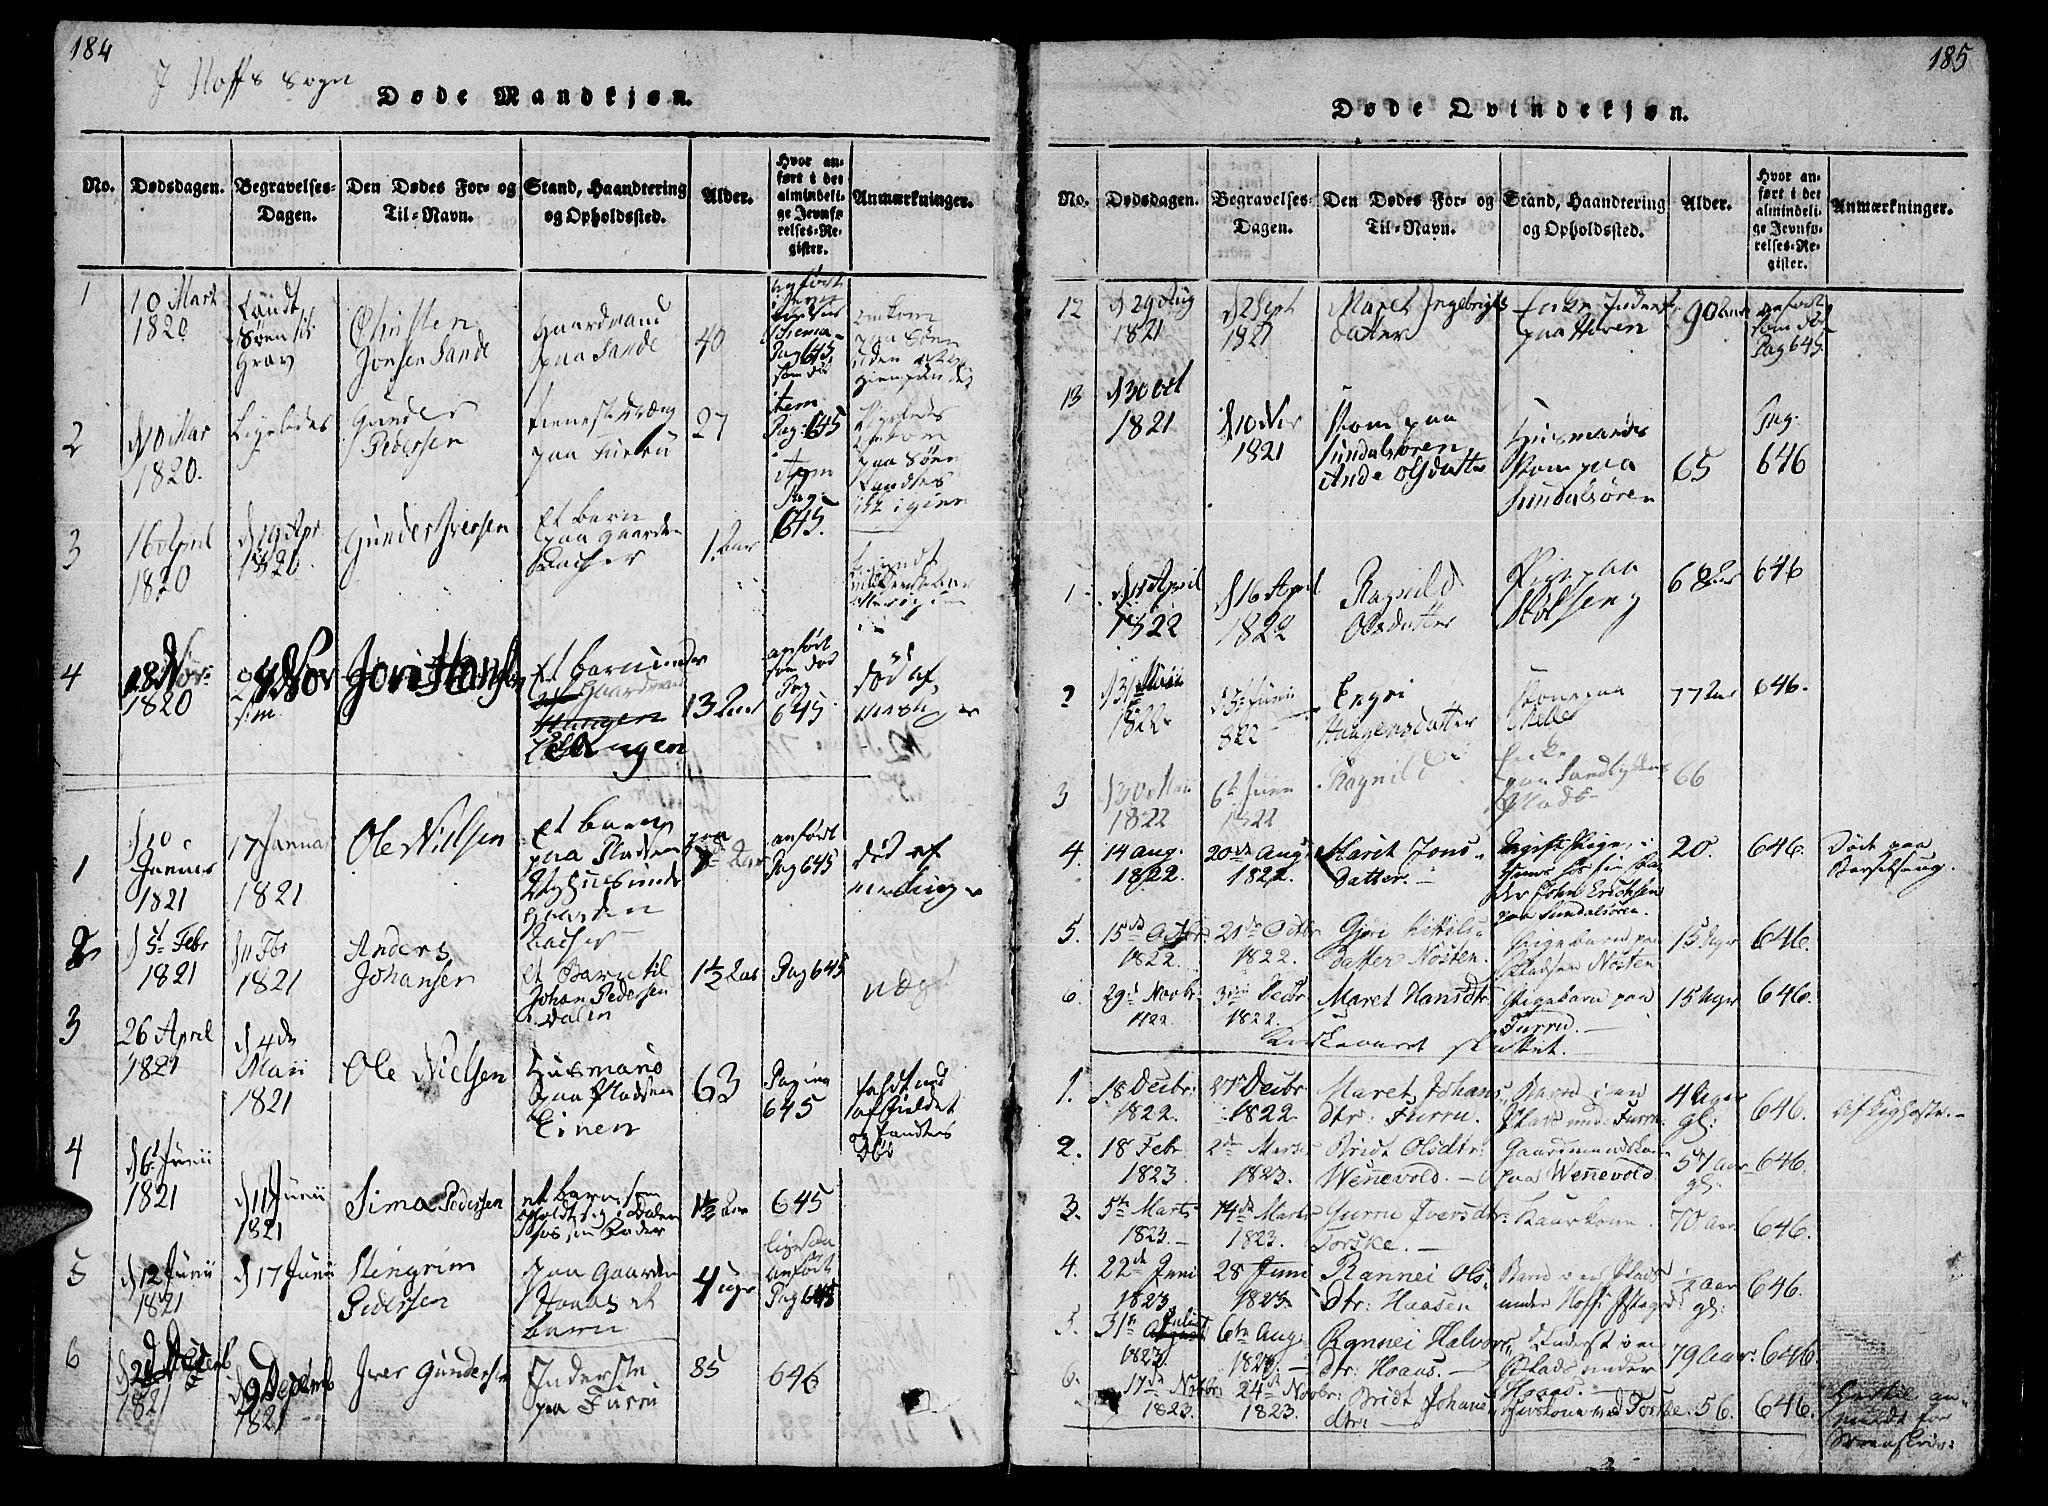 SAT, Ministerialprotokoller, klokkerbøker og fødselsregistre - Møre og Romsdal, 590/L1009: Ministerialbok nr. 590A03 /1, 1819-1832, s. 184-185